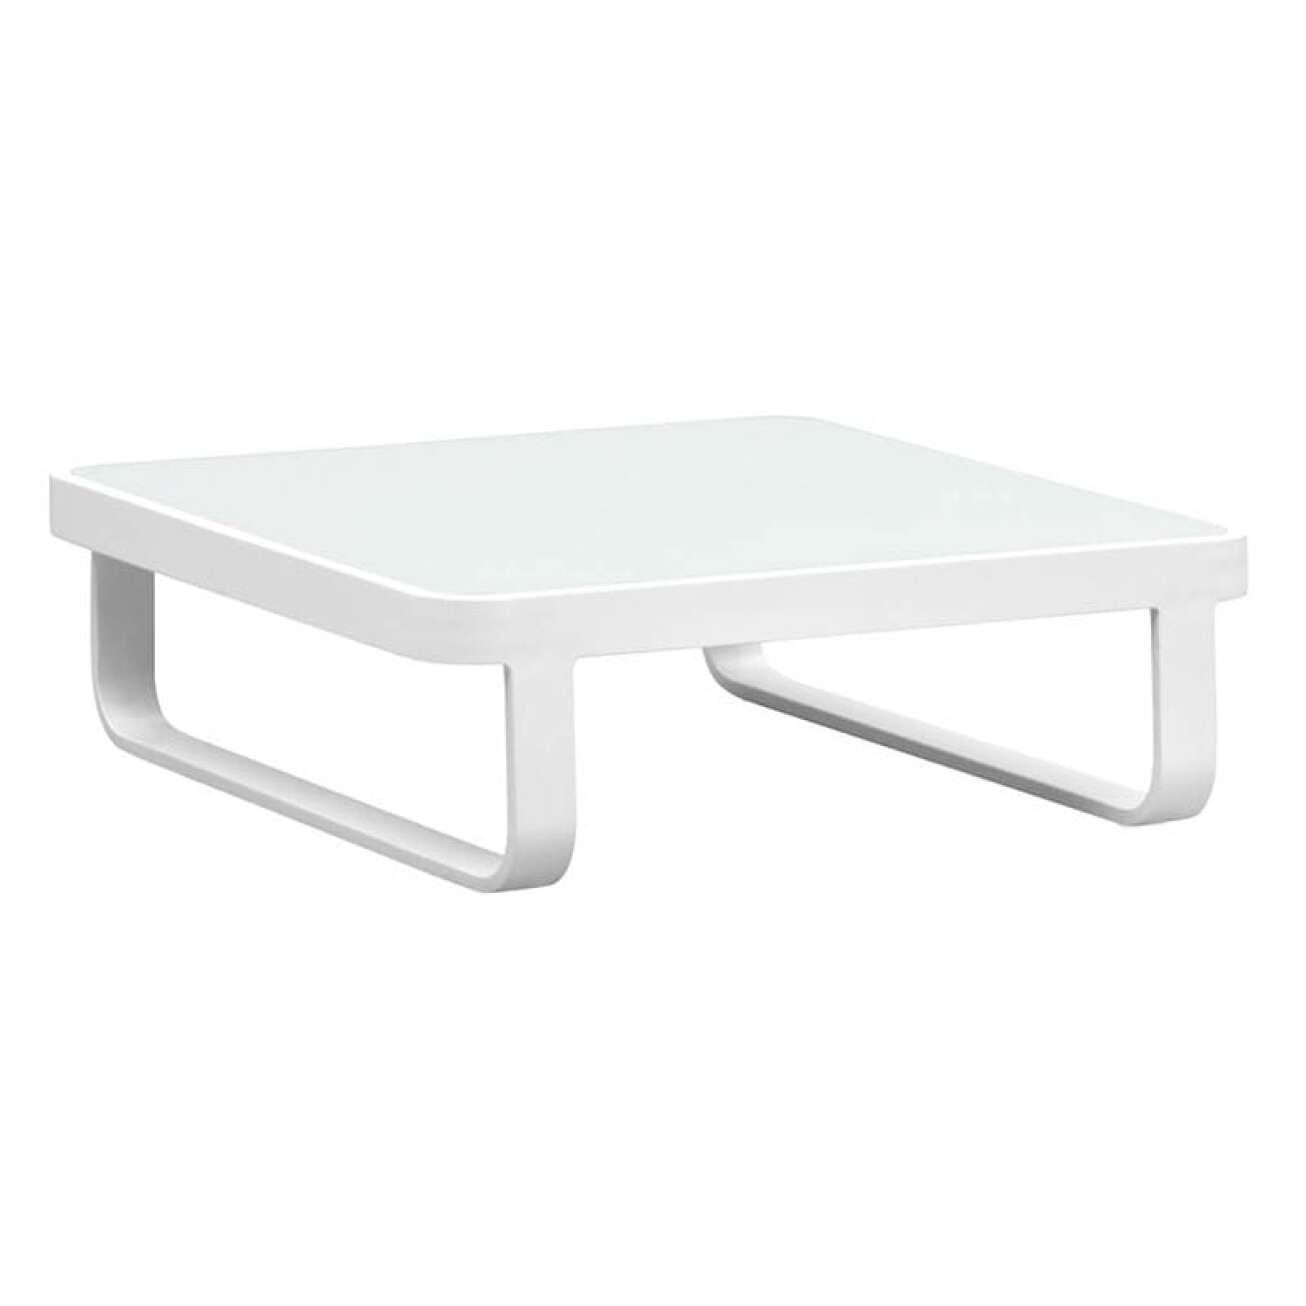 Gardenart Sofabord I Hvit Aluminium M/glassplate (100599hvitlite) Hagemøbler og utemøbler - Fine design